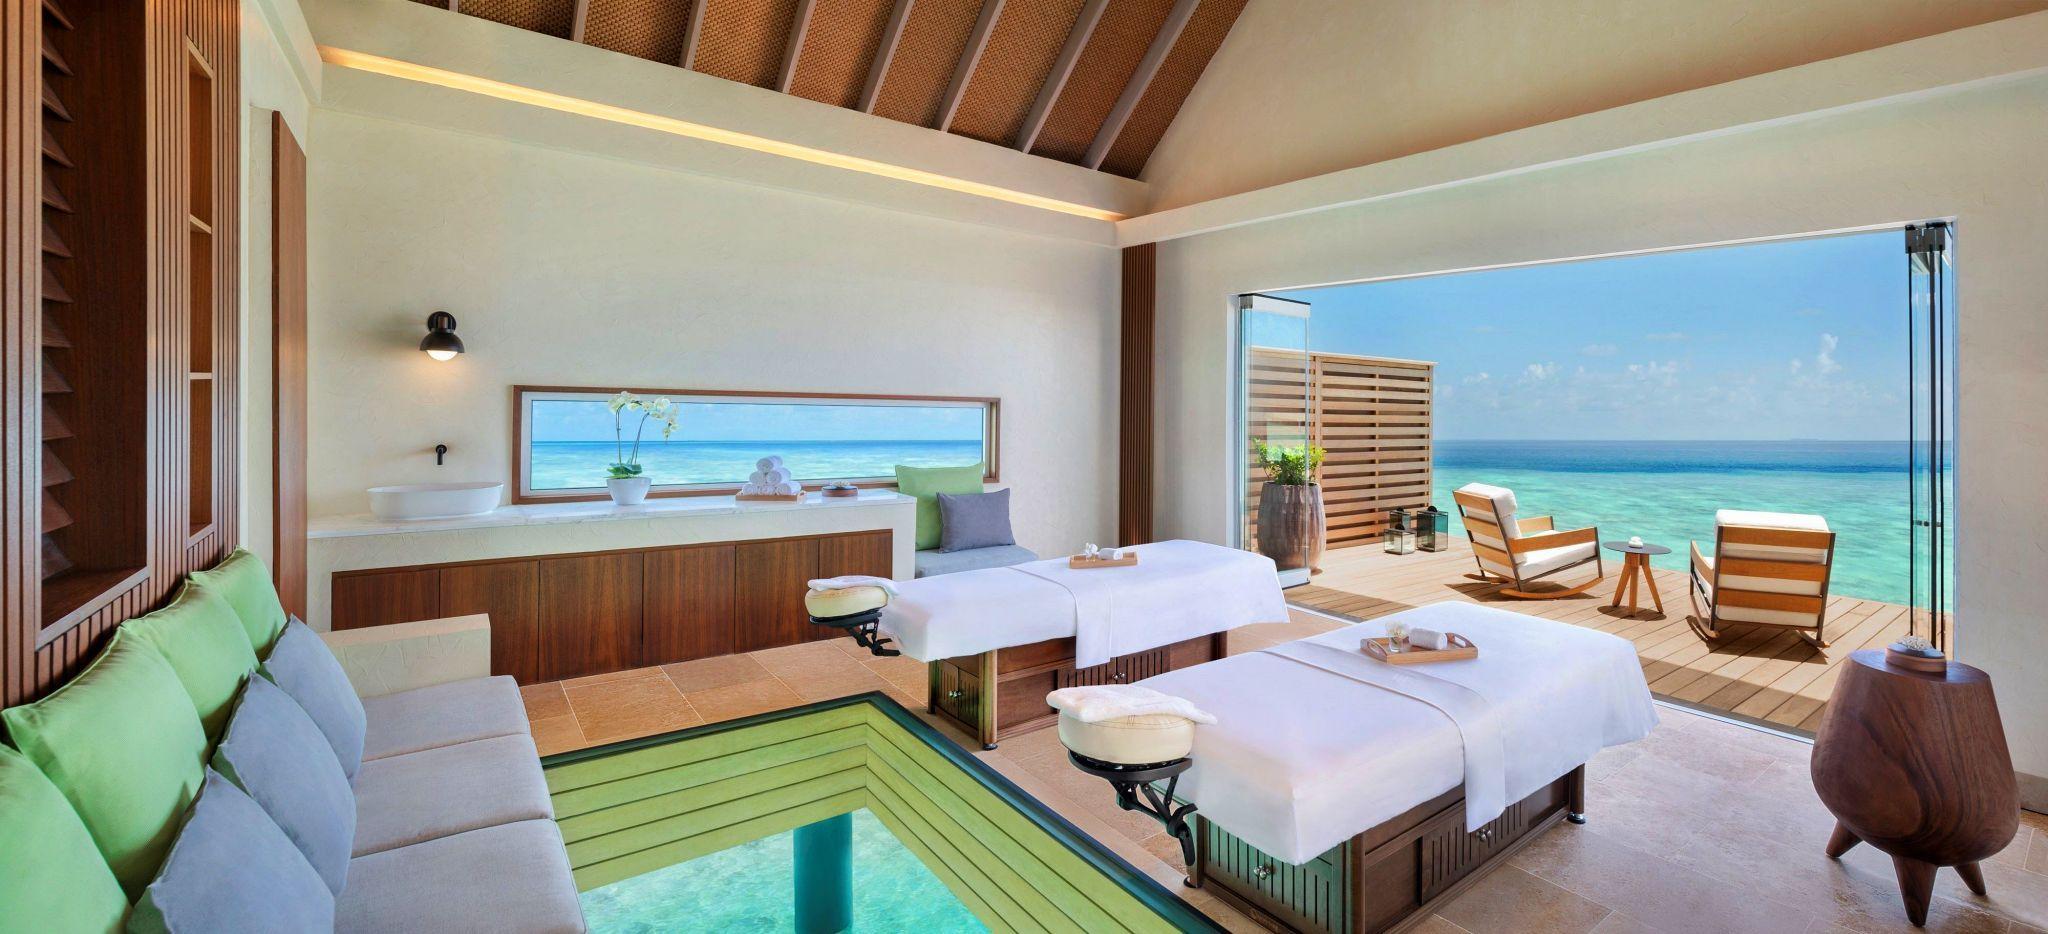 Der Spa-Bereich einer Overwater Spa Villa mit zwei Massageliegen mit Blick auf das Meer